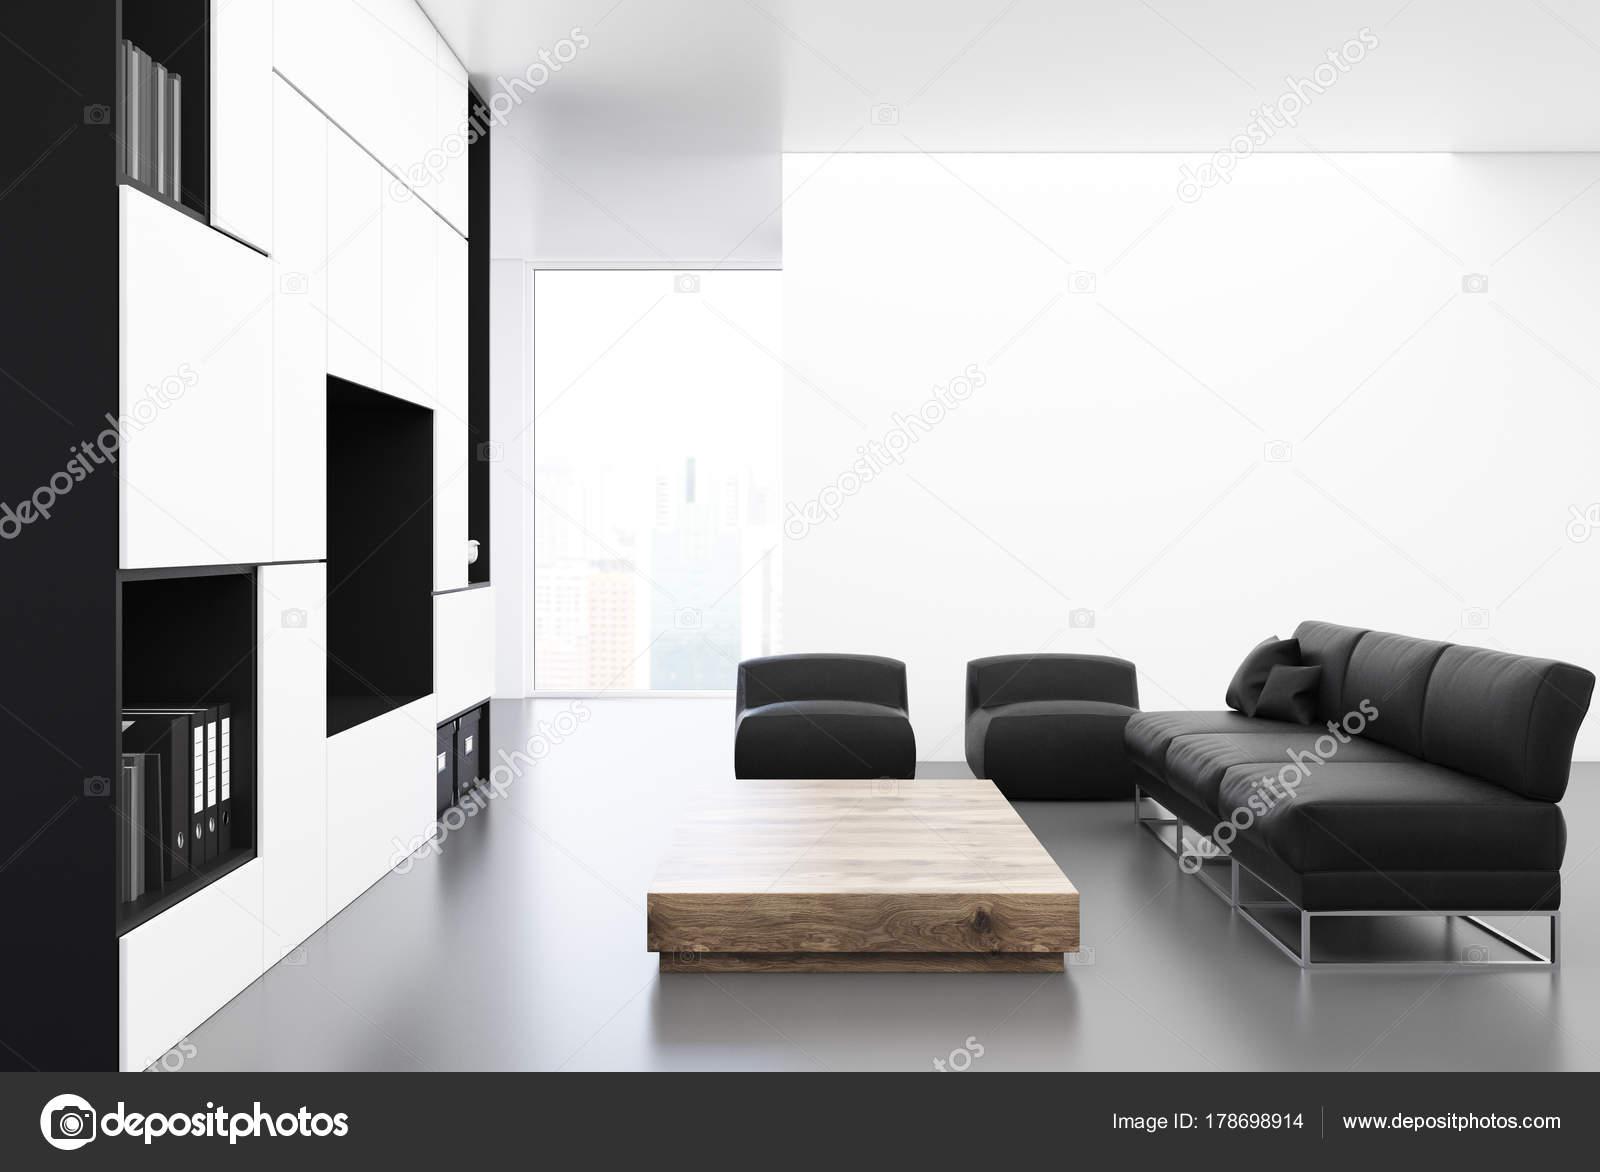 Divano Nero E Bianco : Archivio di immagini nero divano e poltrone in moderno